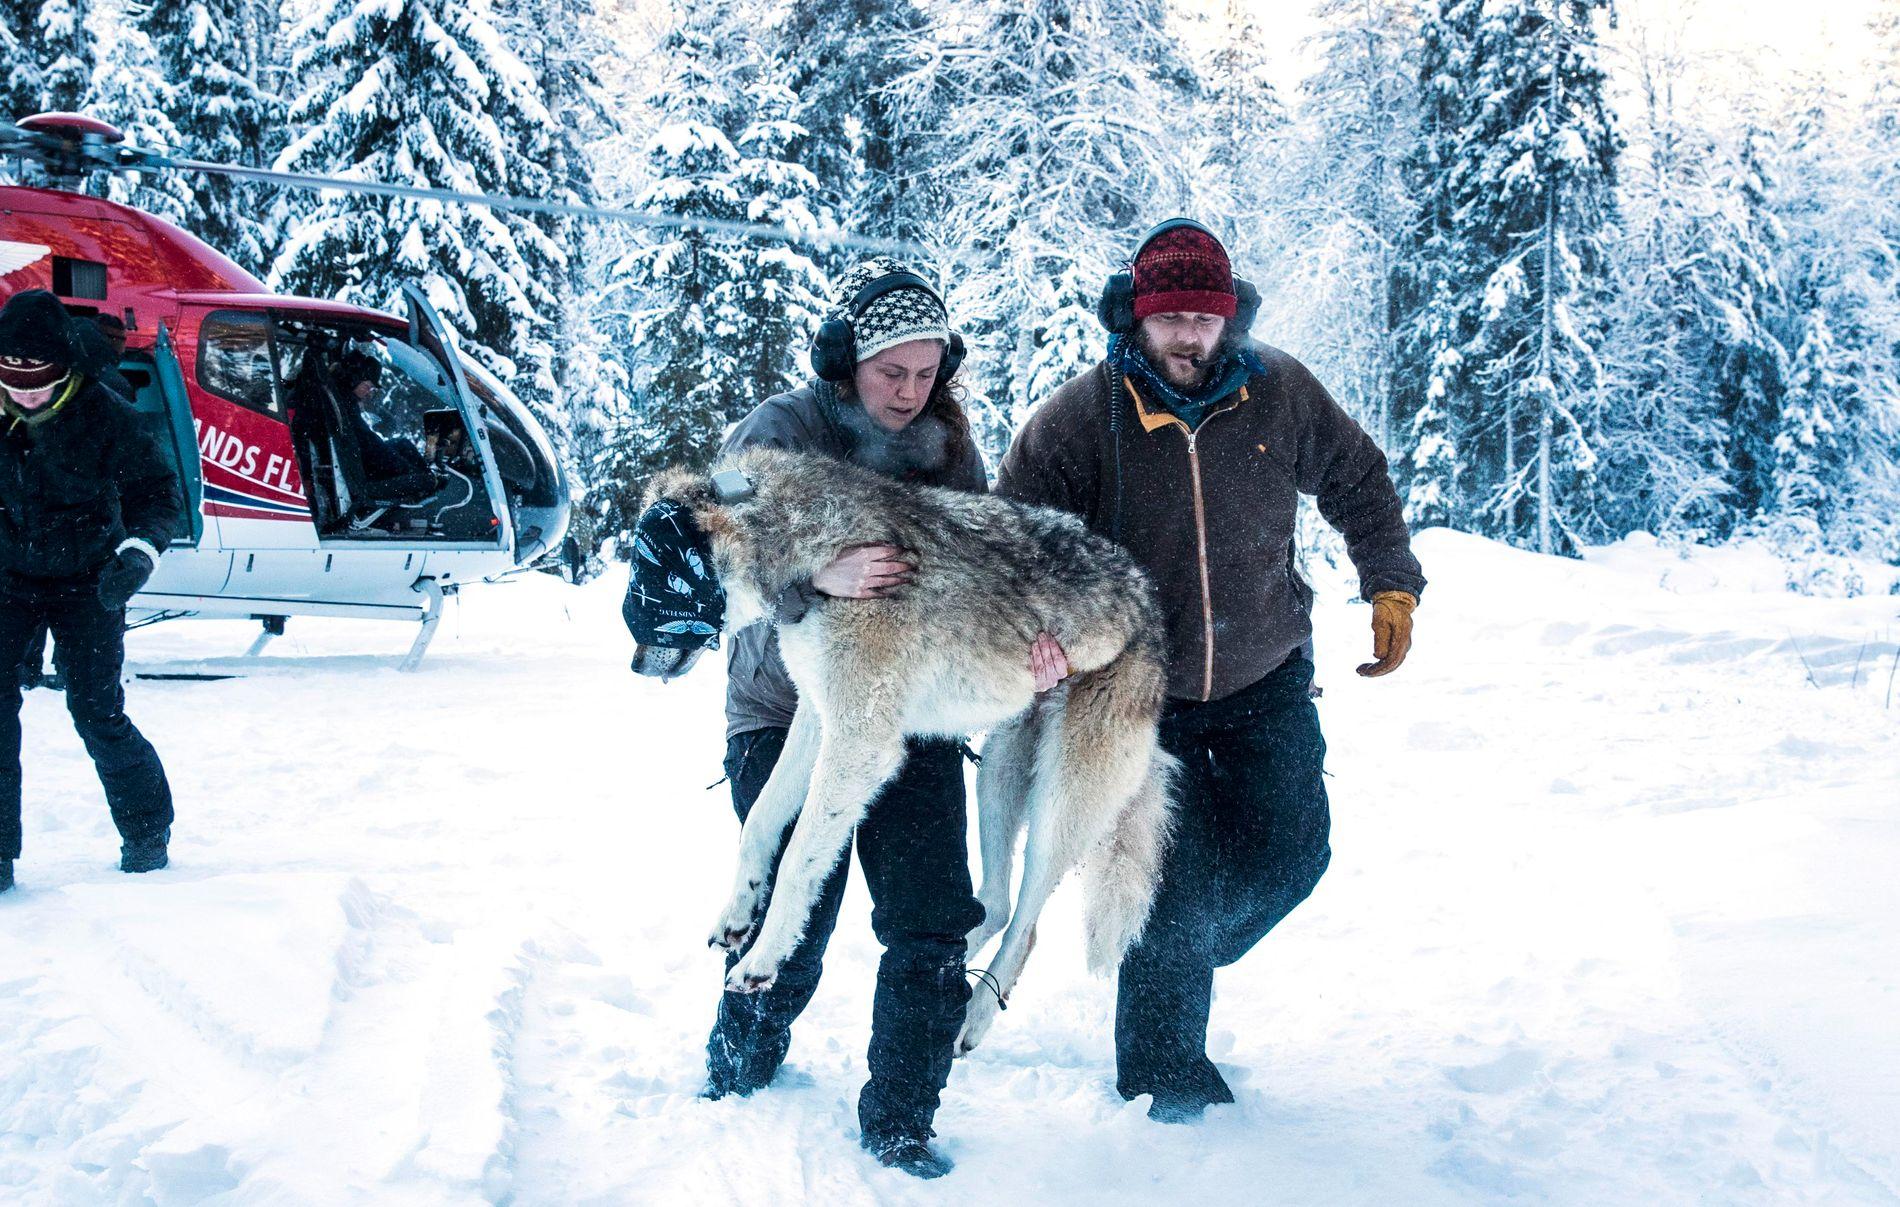 DNA-rapport om norske ulver: Kan stamme fra dyreparker